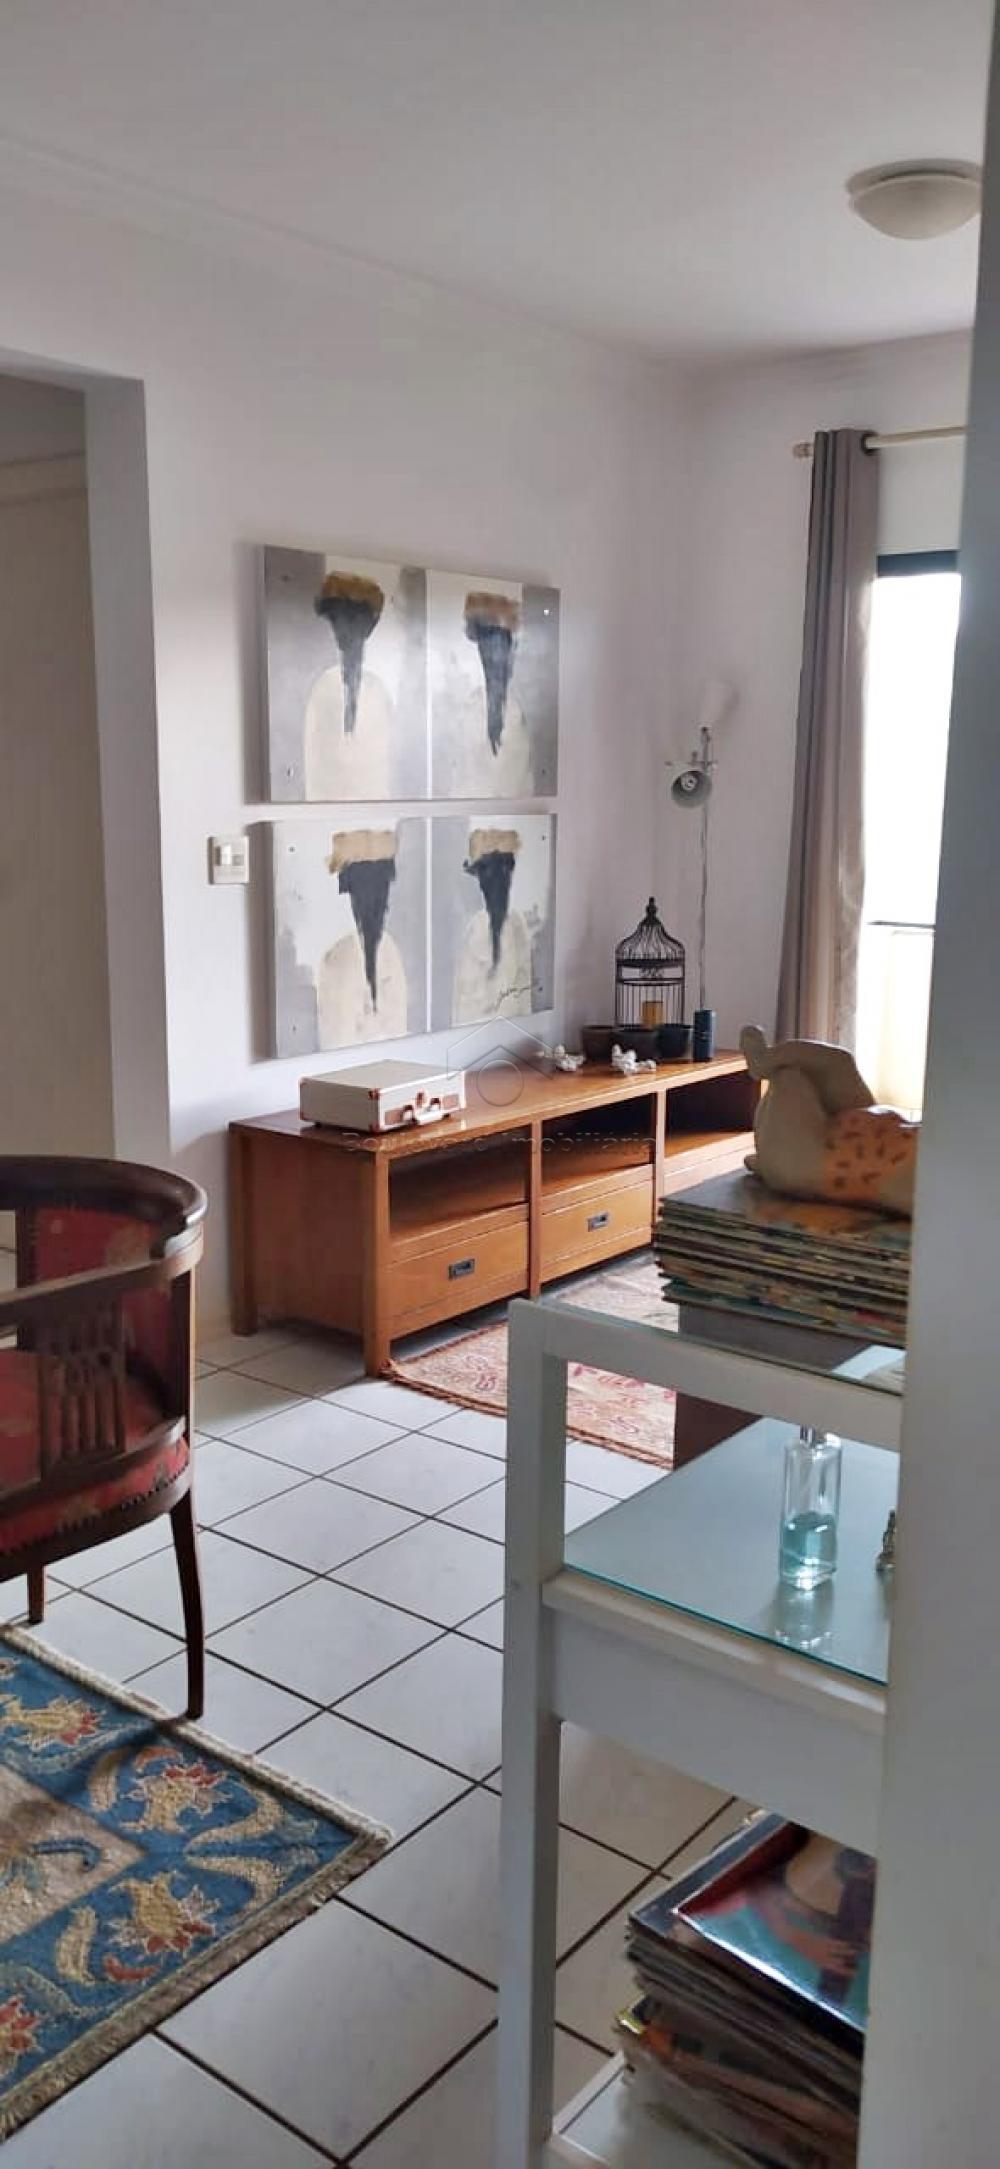 Comprar Apartamento / Padrão em Ribeirão Preto R$ 280.000,00 - Foto 3